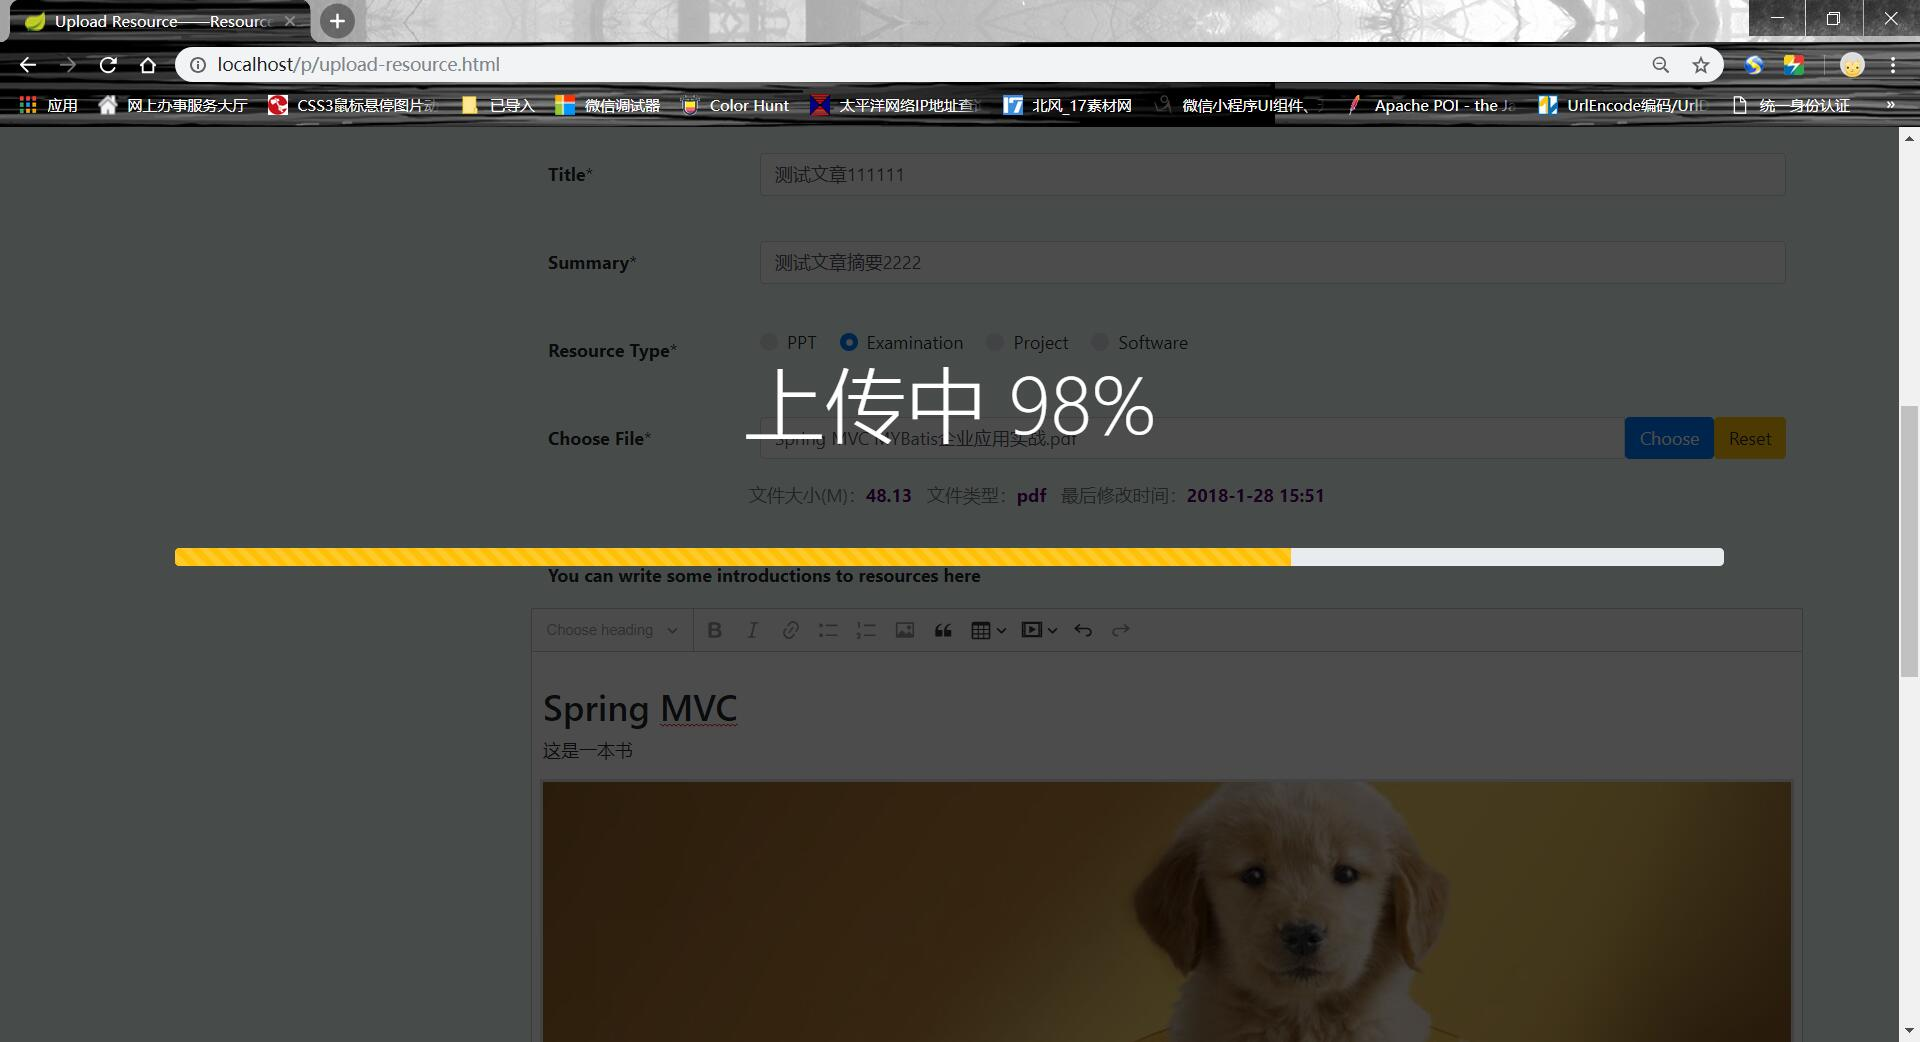 https://vr360-beifengtz.oss-cn-beijing.aliyuncs.com/beifeng-blog/article/%E6%96%87%E4%BB%B6%E5%AD%98%E5%82%A8/20181127221012.jpg